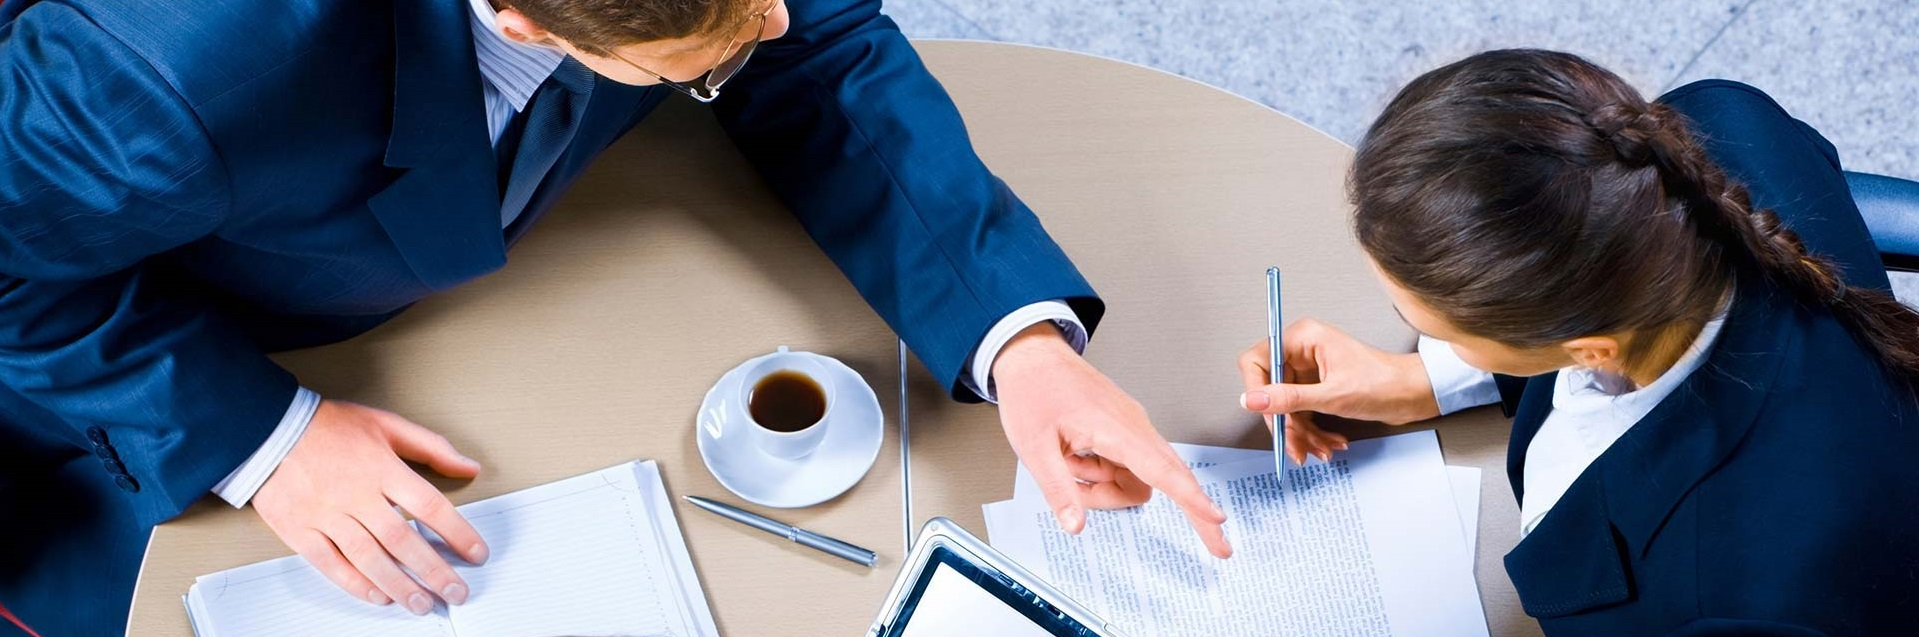 Прием документов на оказание финансовой поддержки в 2019 году